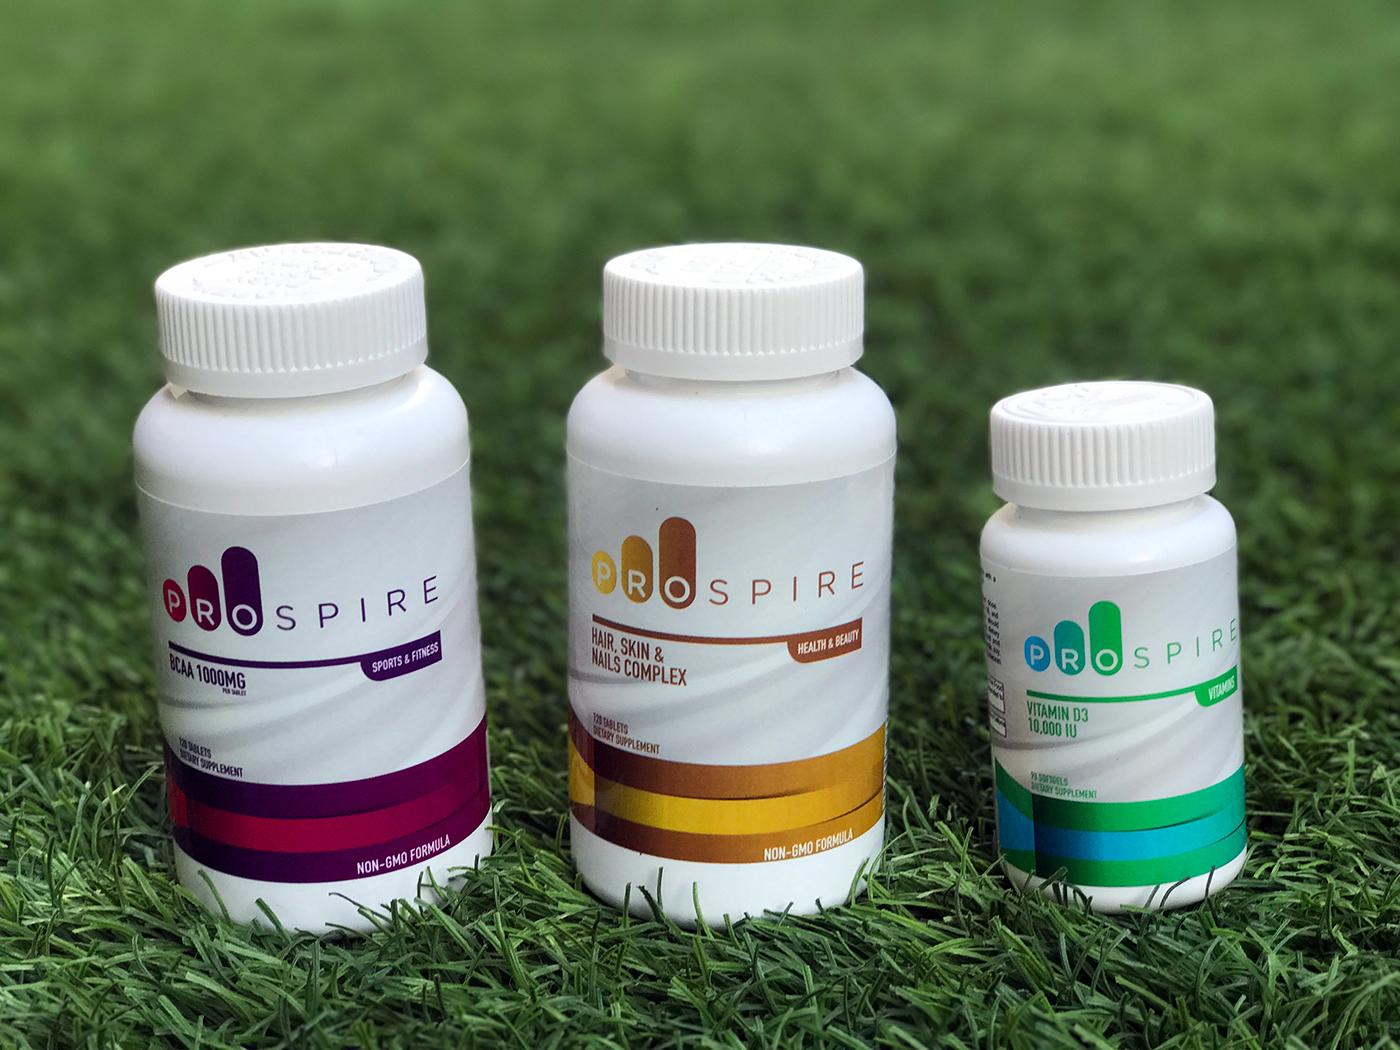 Prospire维生素营养补充剂平fun88体育备用全案fun88乐天使备用-包装fun88乐天使备用